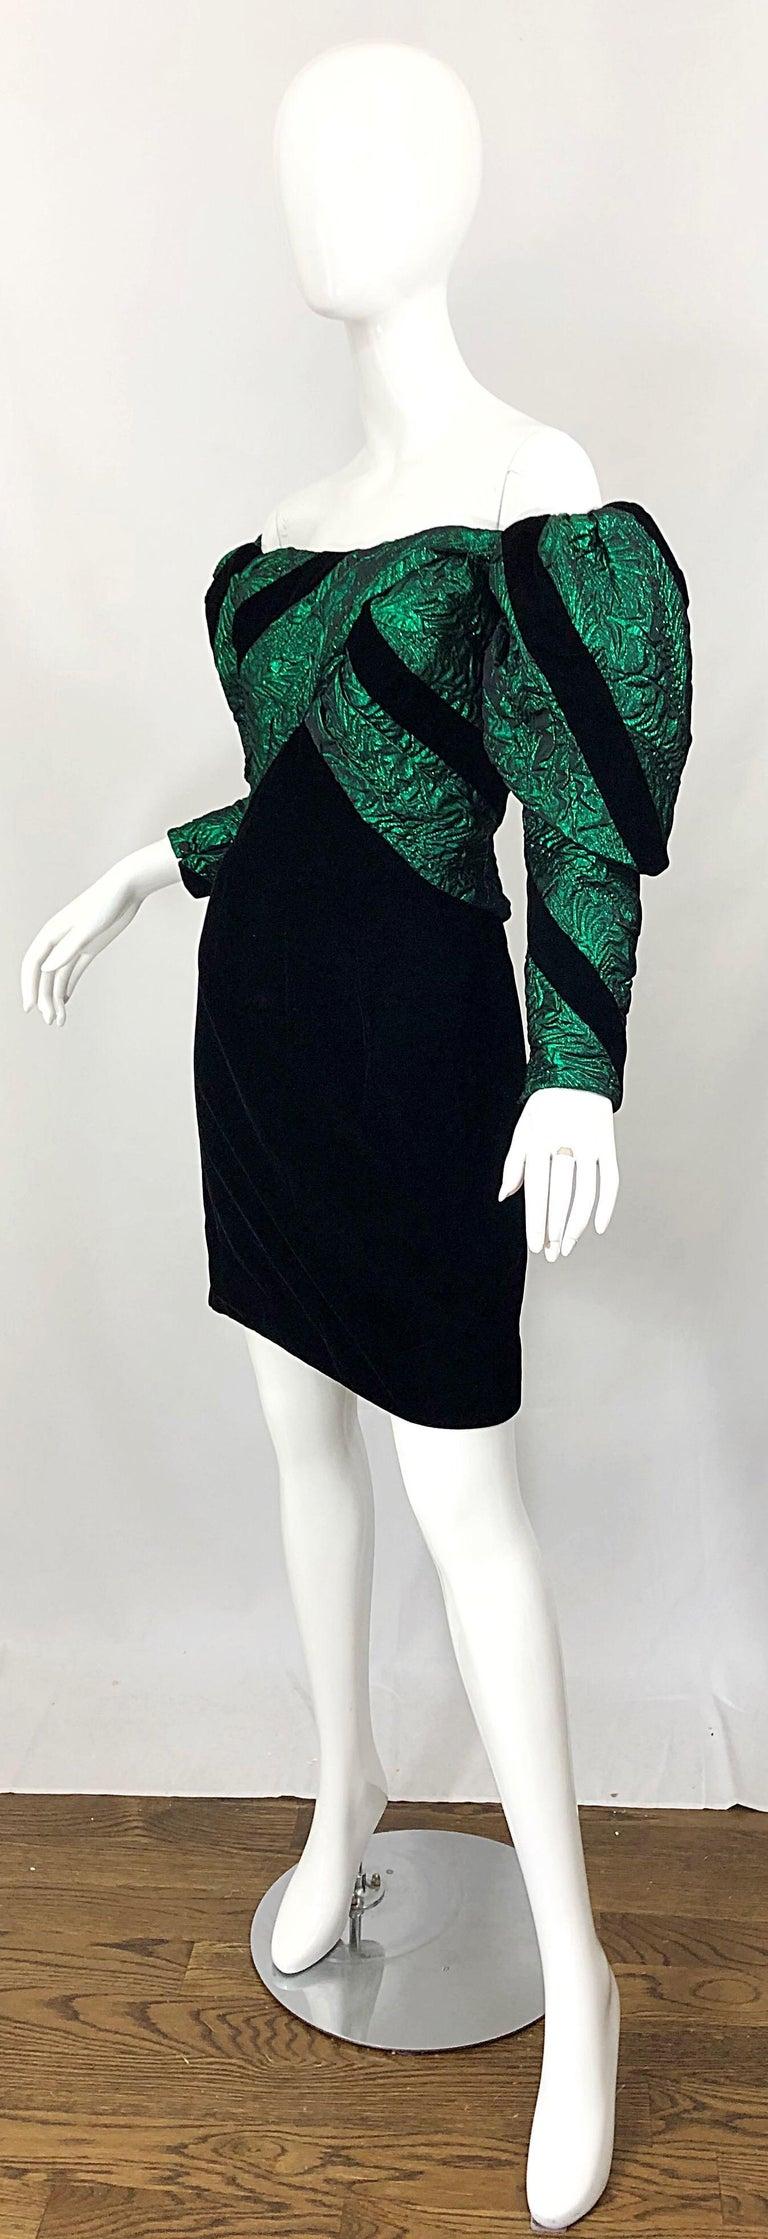 Women's 1980s Eugene Alexander Avant Garde Green + Black Vintage 80s Mini Dress For Sale